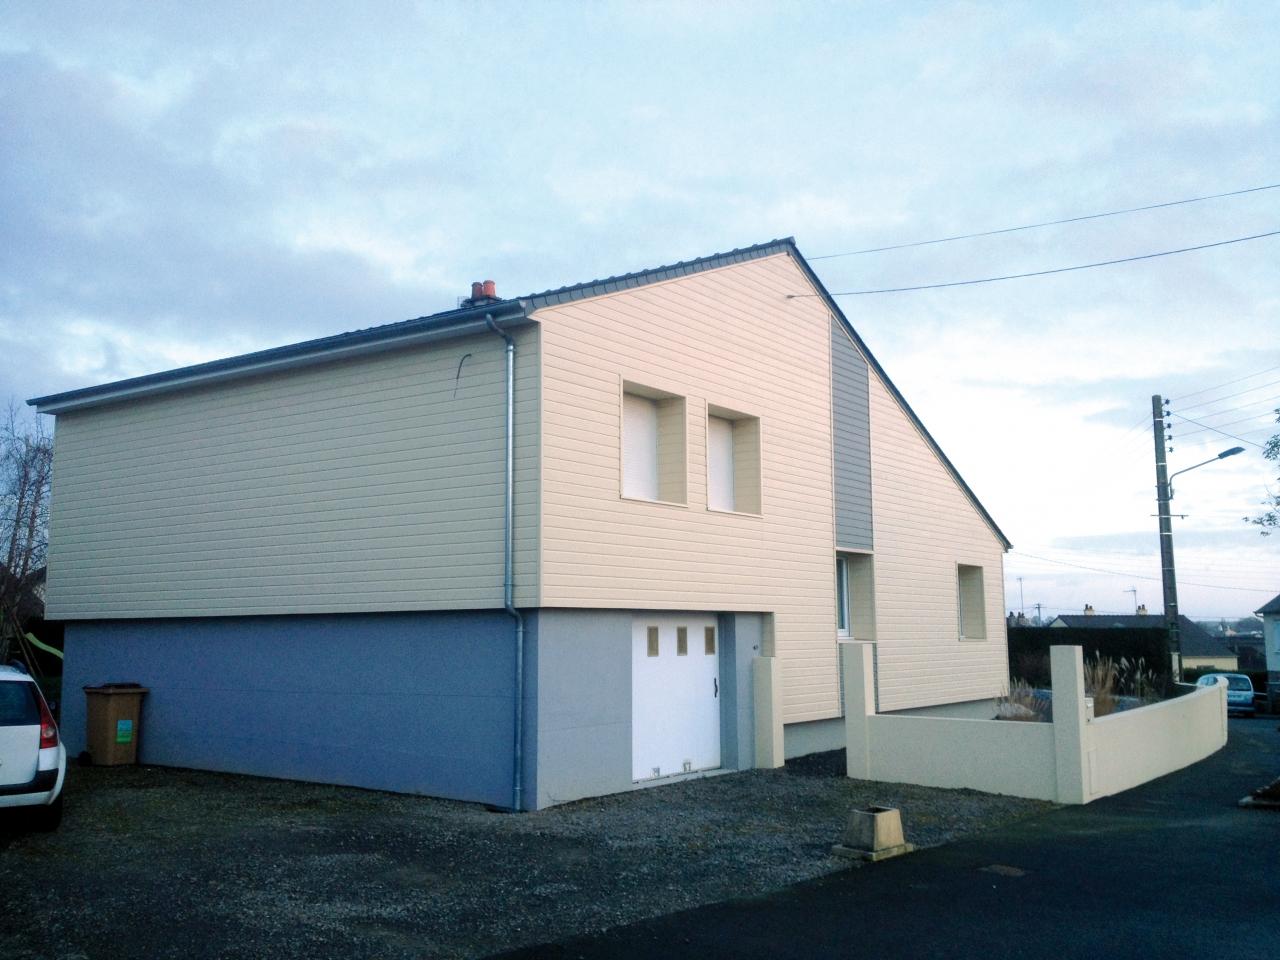 Derouet constructeur de maison bois en mayenne 53 for Isolation par exterieur maison